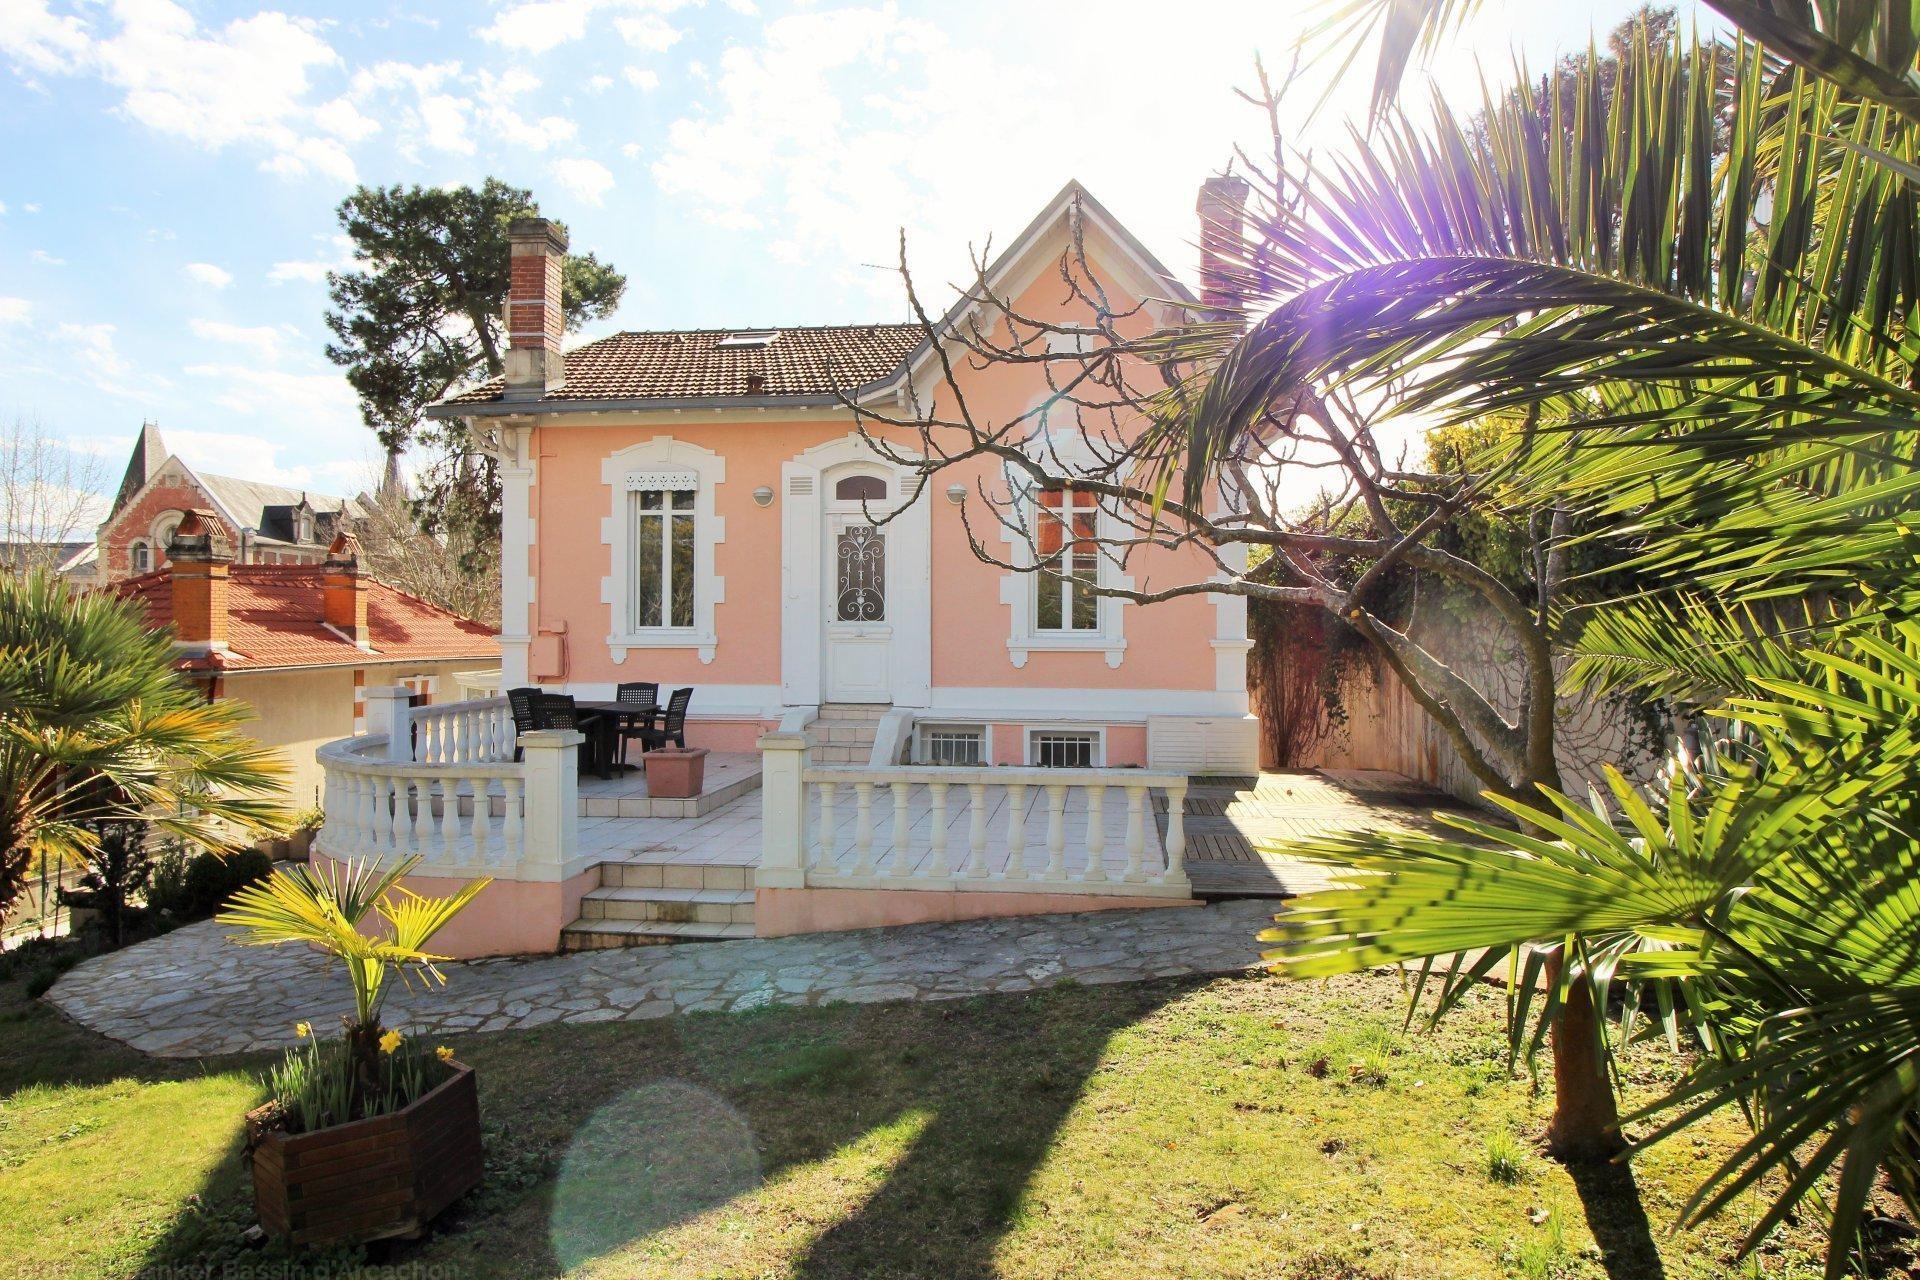 Villa historique arcachonnaise de 228 m2 habitables, située à Arcachon